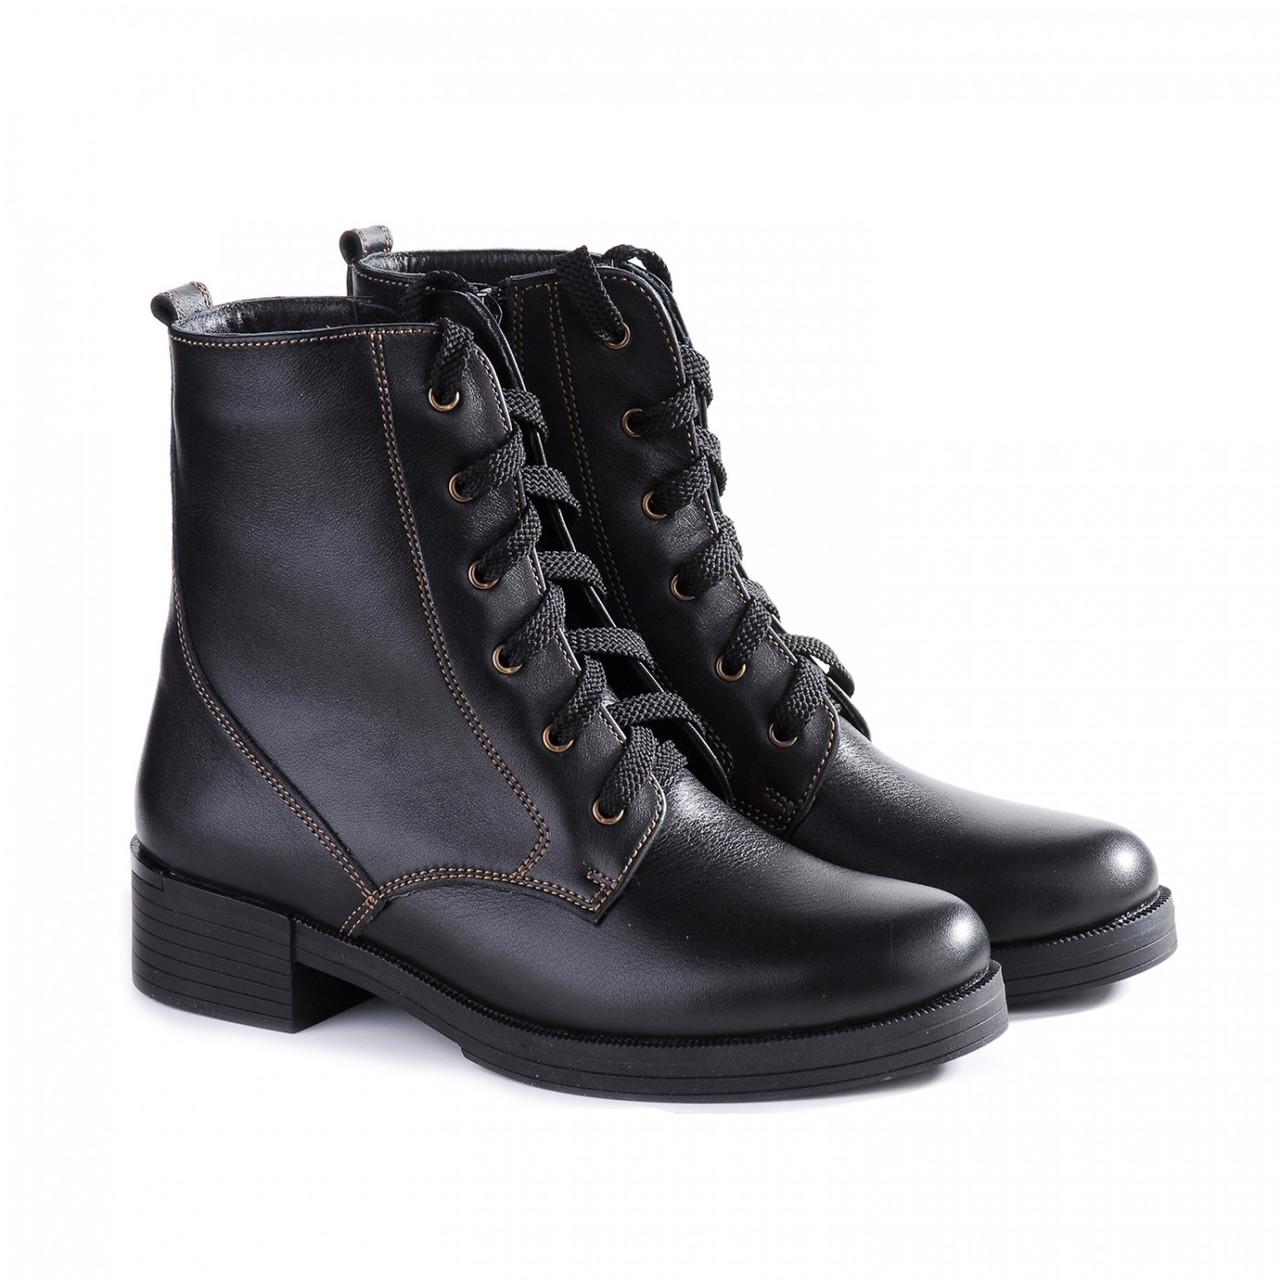 Зимние кожаные ботинки женские 2517-05 черные